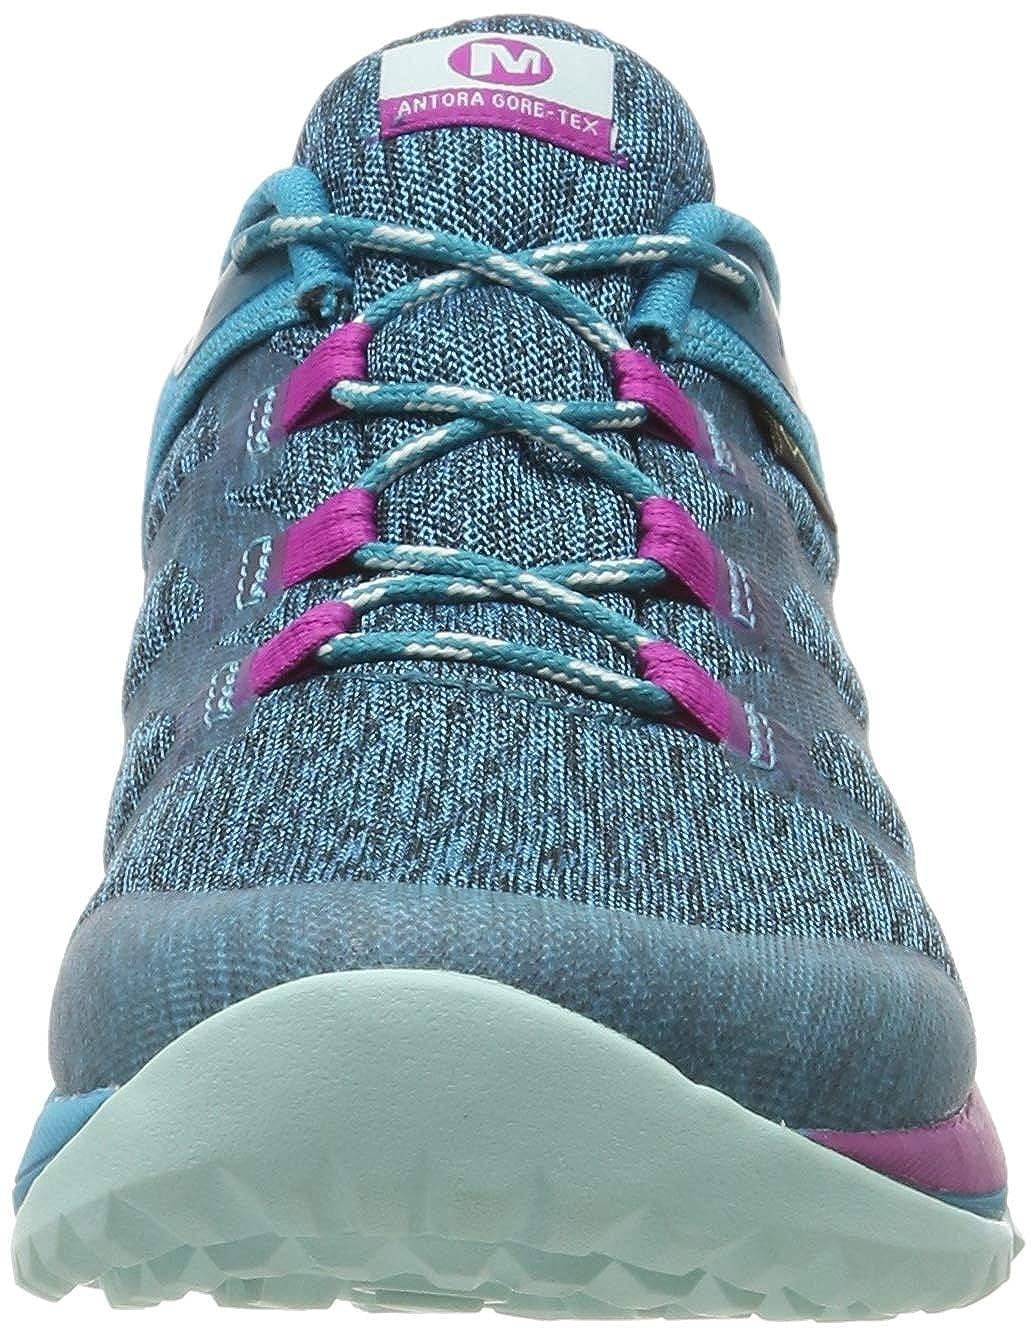 Merrell Antora GTX, Zapatillas de Running para Asfalto para